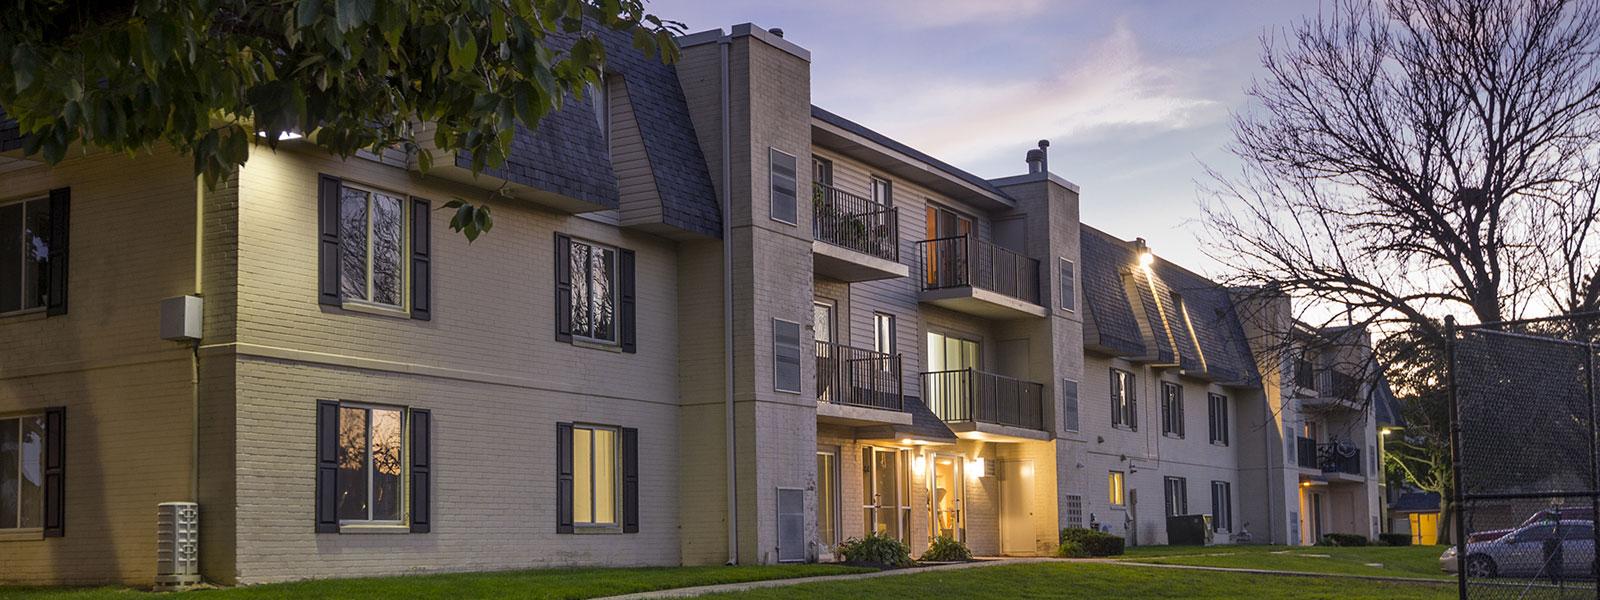 Cooper 39 s place apartments in newark de - 3 bedroom apartments in newark de ...